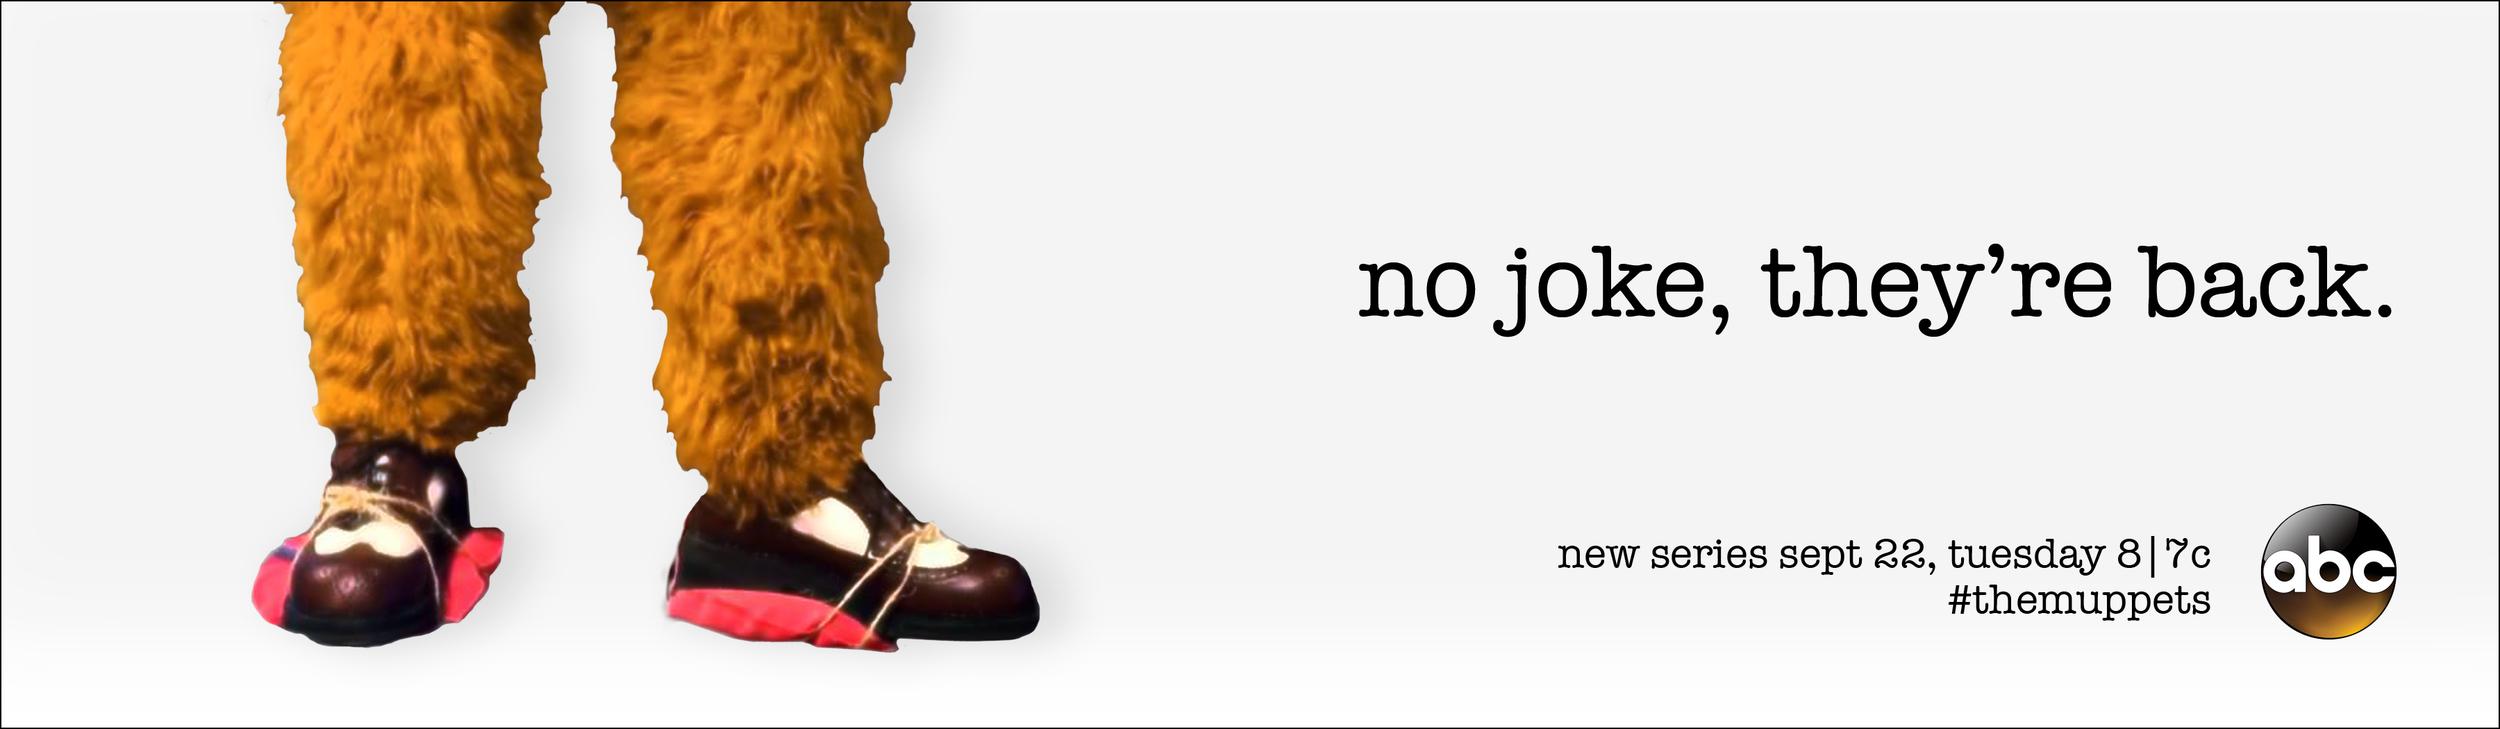 muppet_billboard_fozzy.jpg